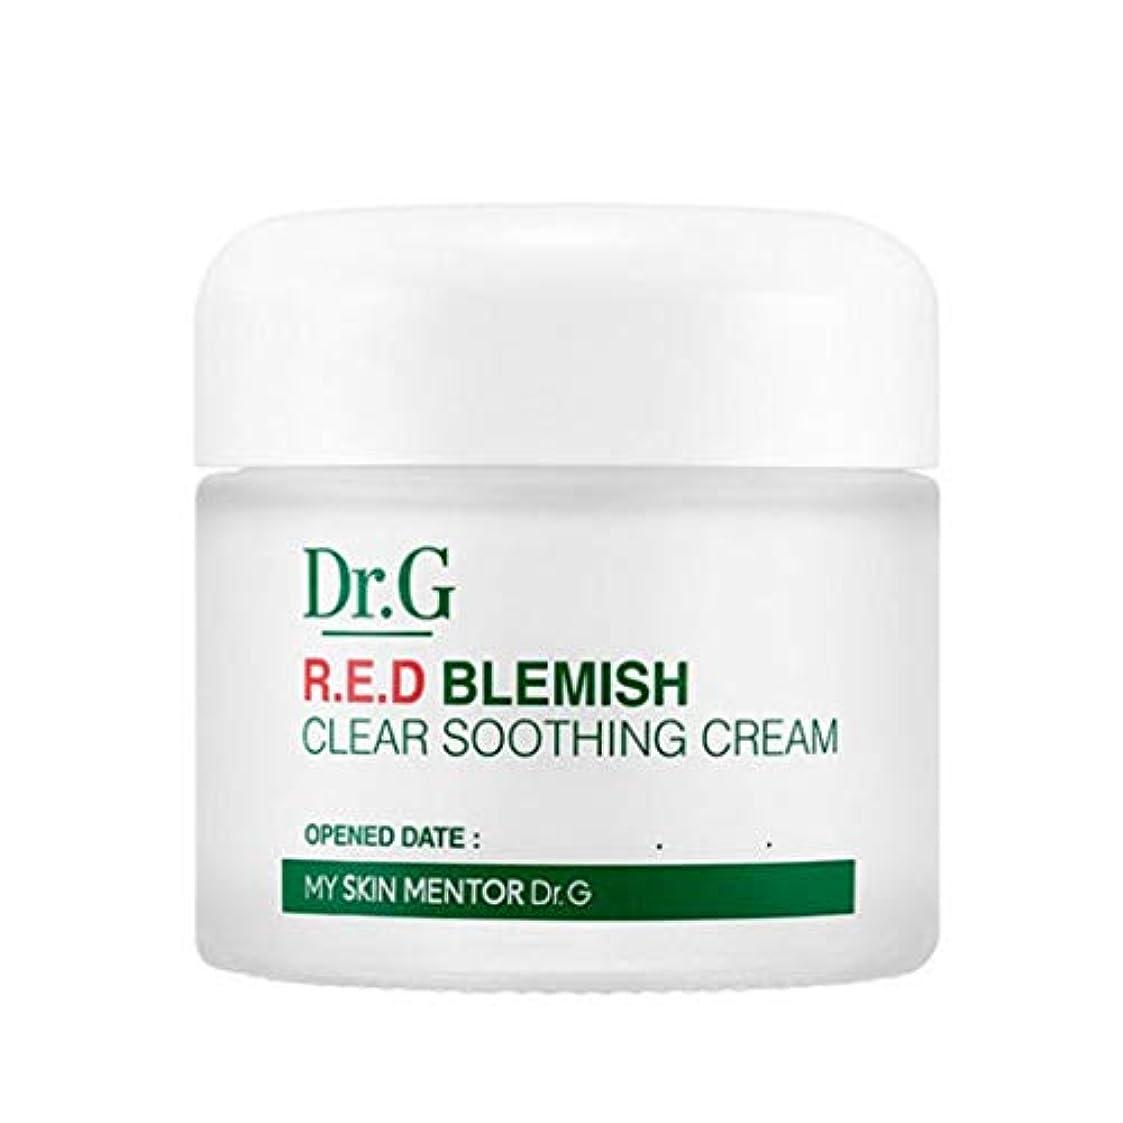 わなとしてモンクドクターGレッドブレミッシュクリアスージングクリーム70ml水分クリーム、Dr.G Red Blemish Clear Soothing Cream 70ml Moisturizing Cream [並行輸入品]